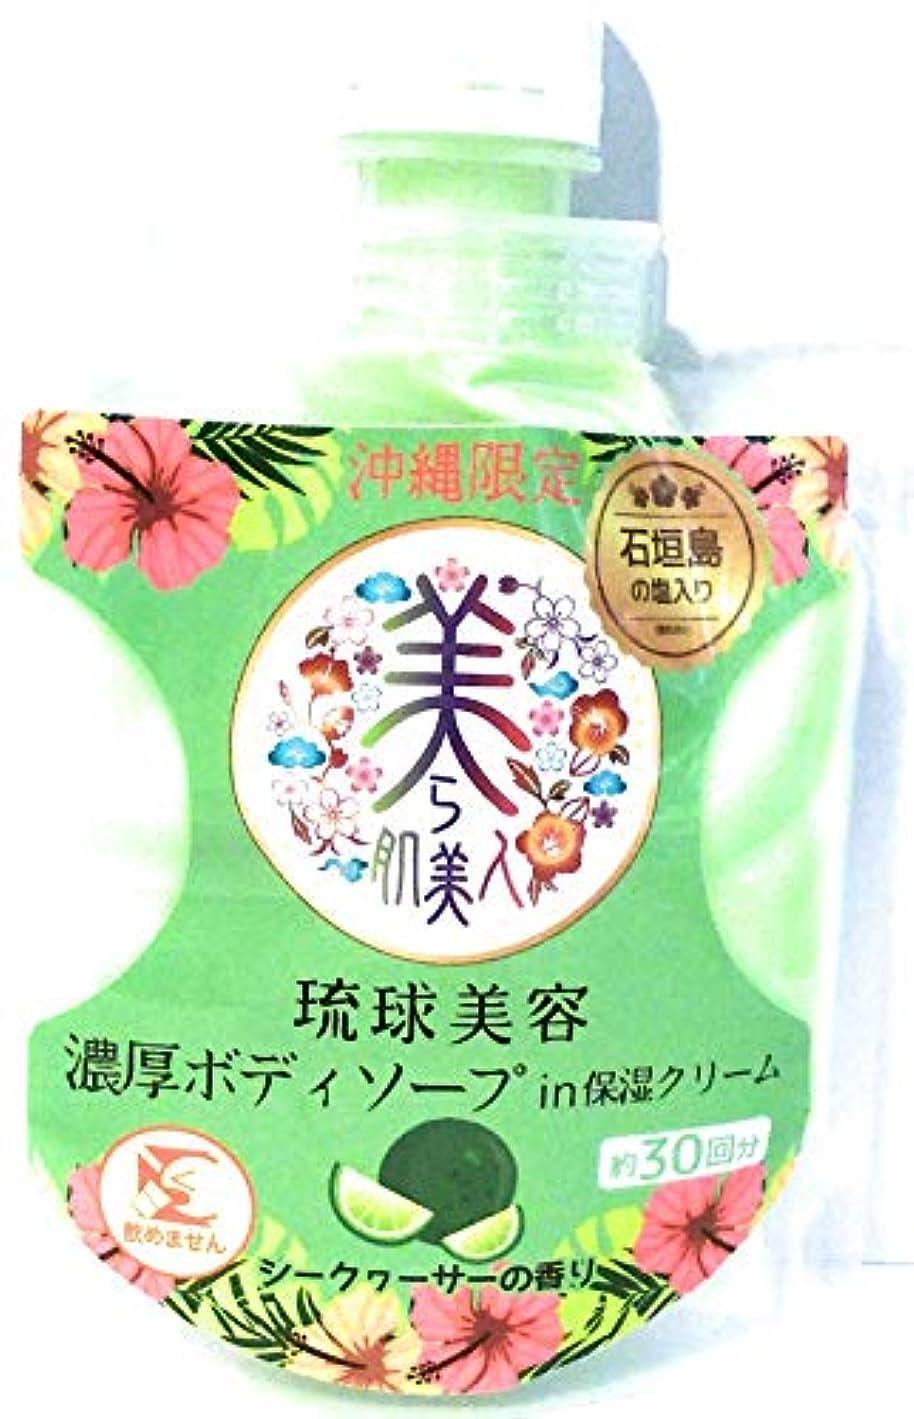 法律火傷クラックポット沖縄限定 美ら肌美人 琉球美容濃厚ボディソープin保湿クリーム シークヮーサーの香り